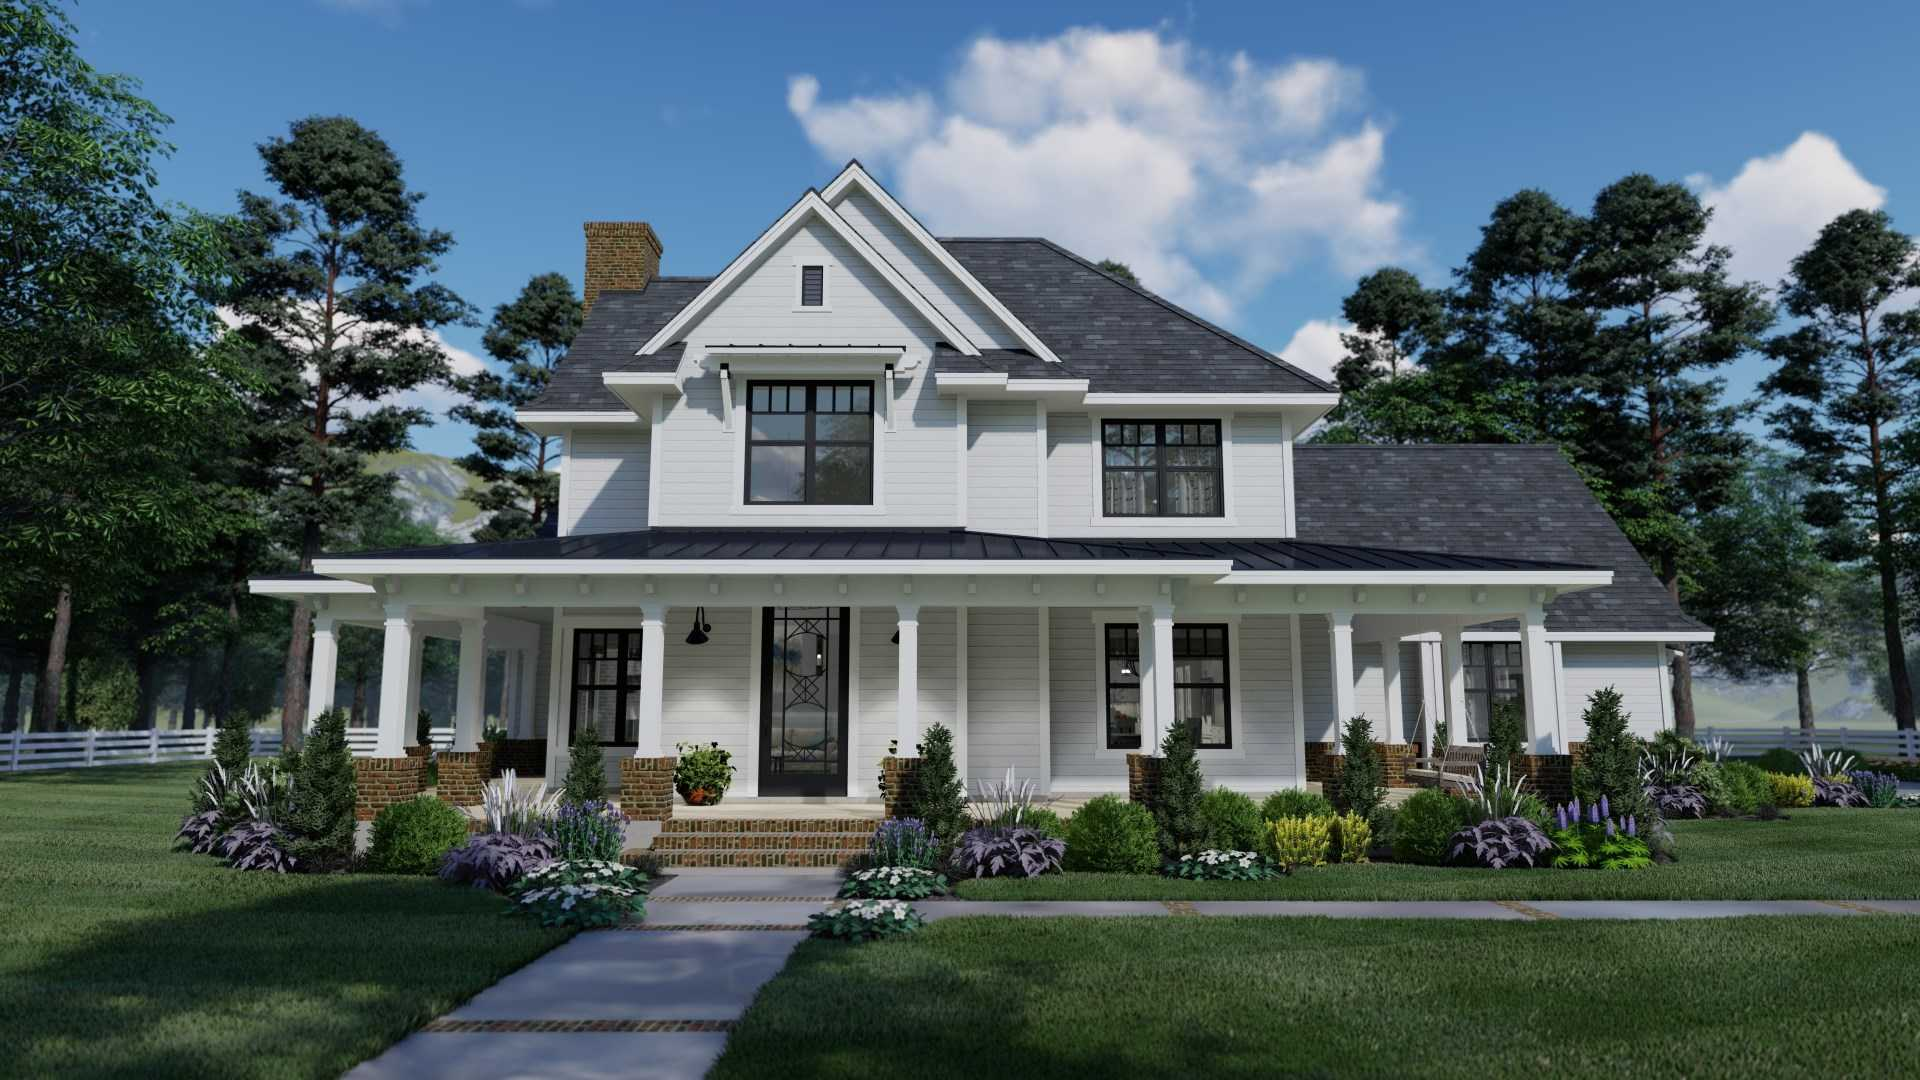 $660,000 - 3Br/3Ba -  for Sale in Saratoga Springs, Inside